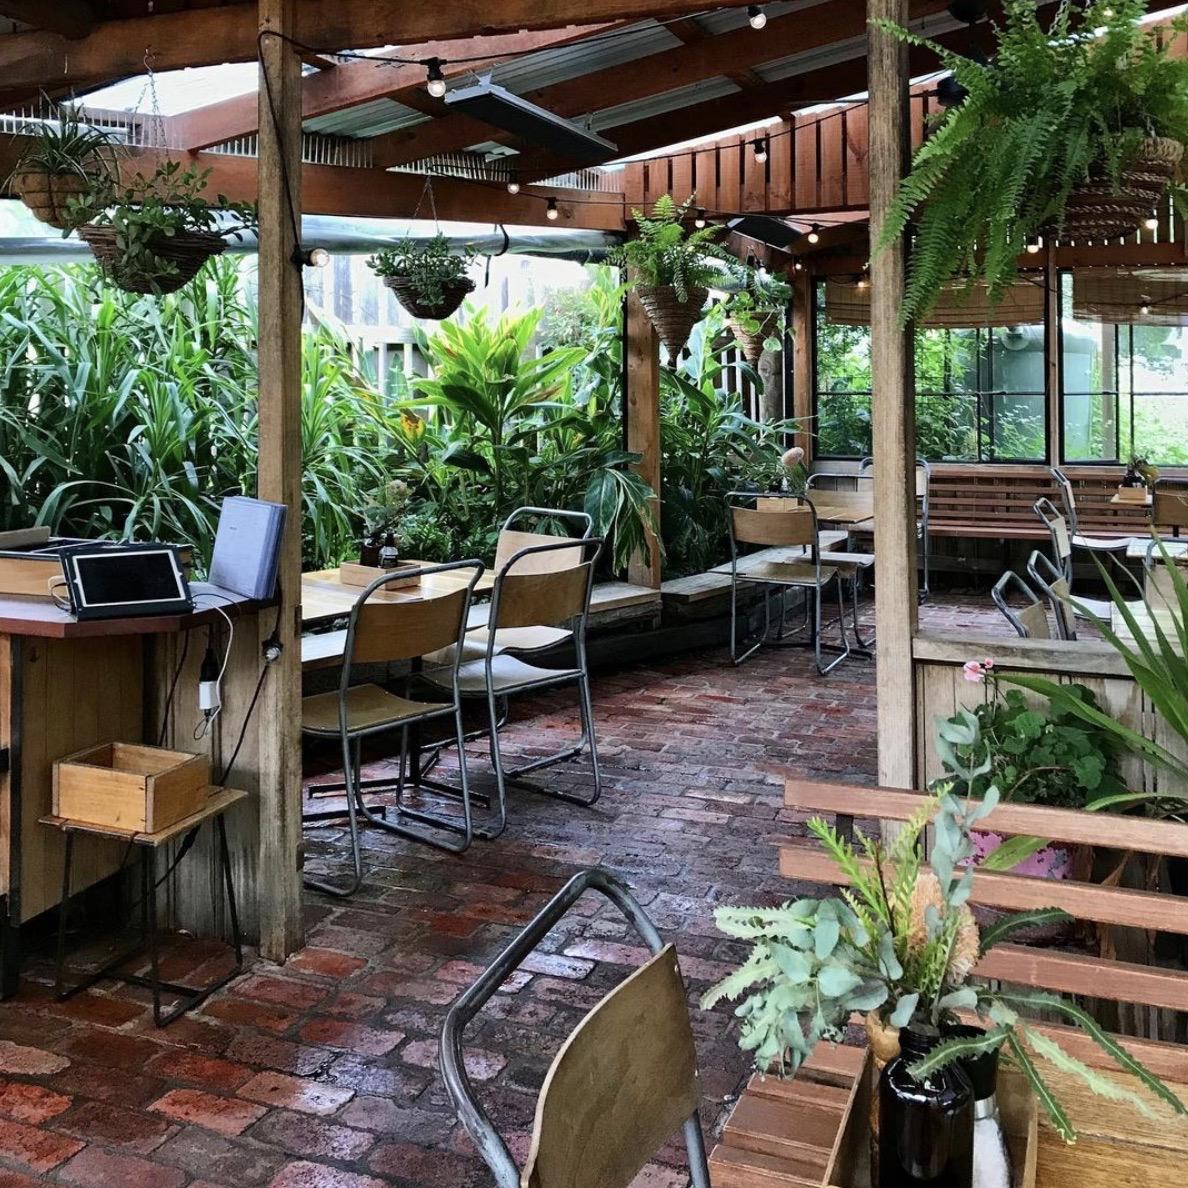 Collingwood Children's Farm Cafe